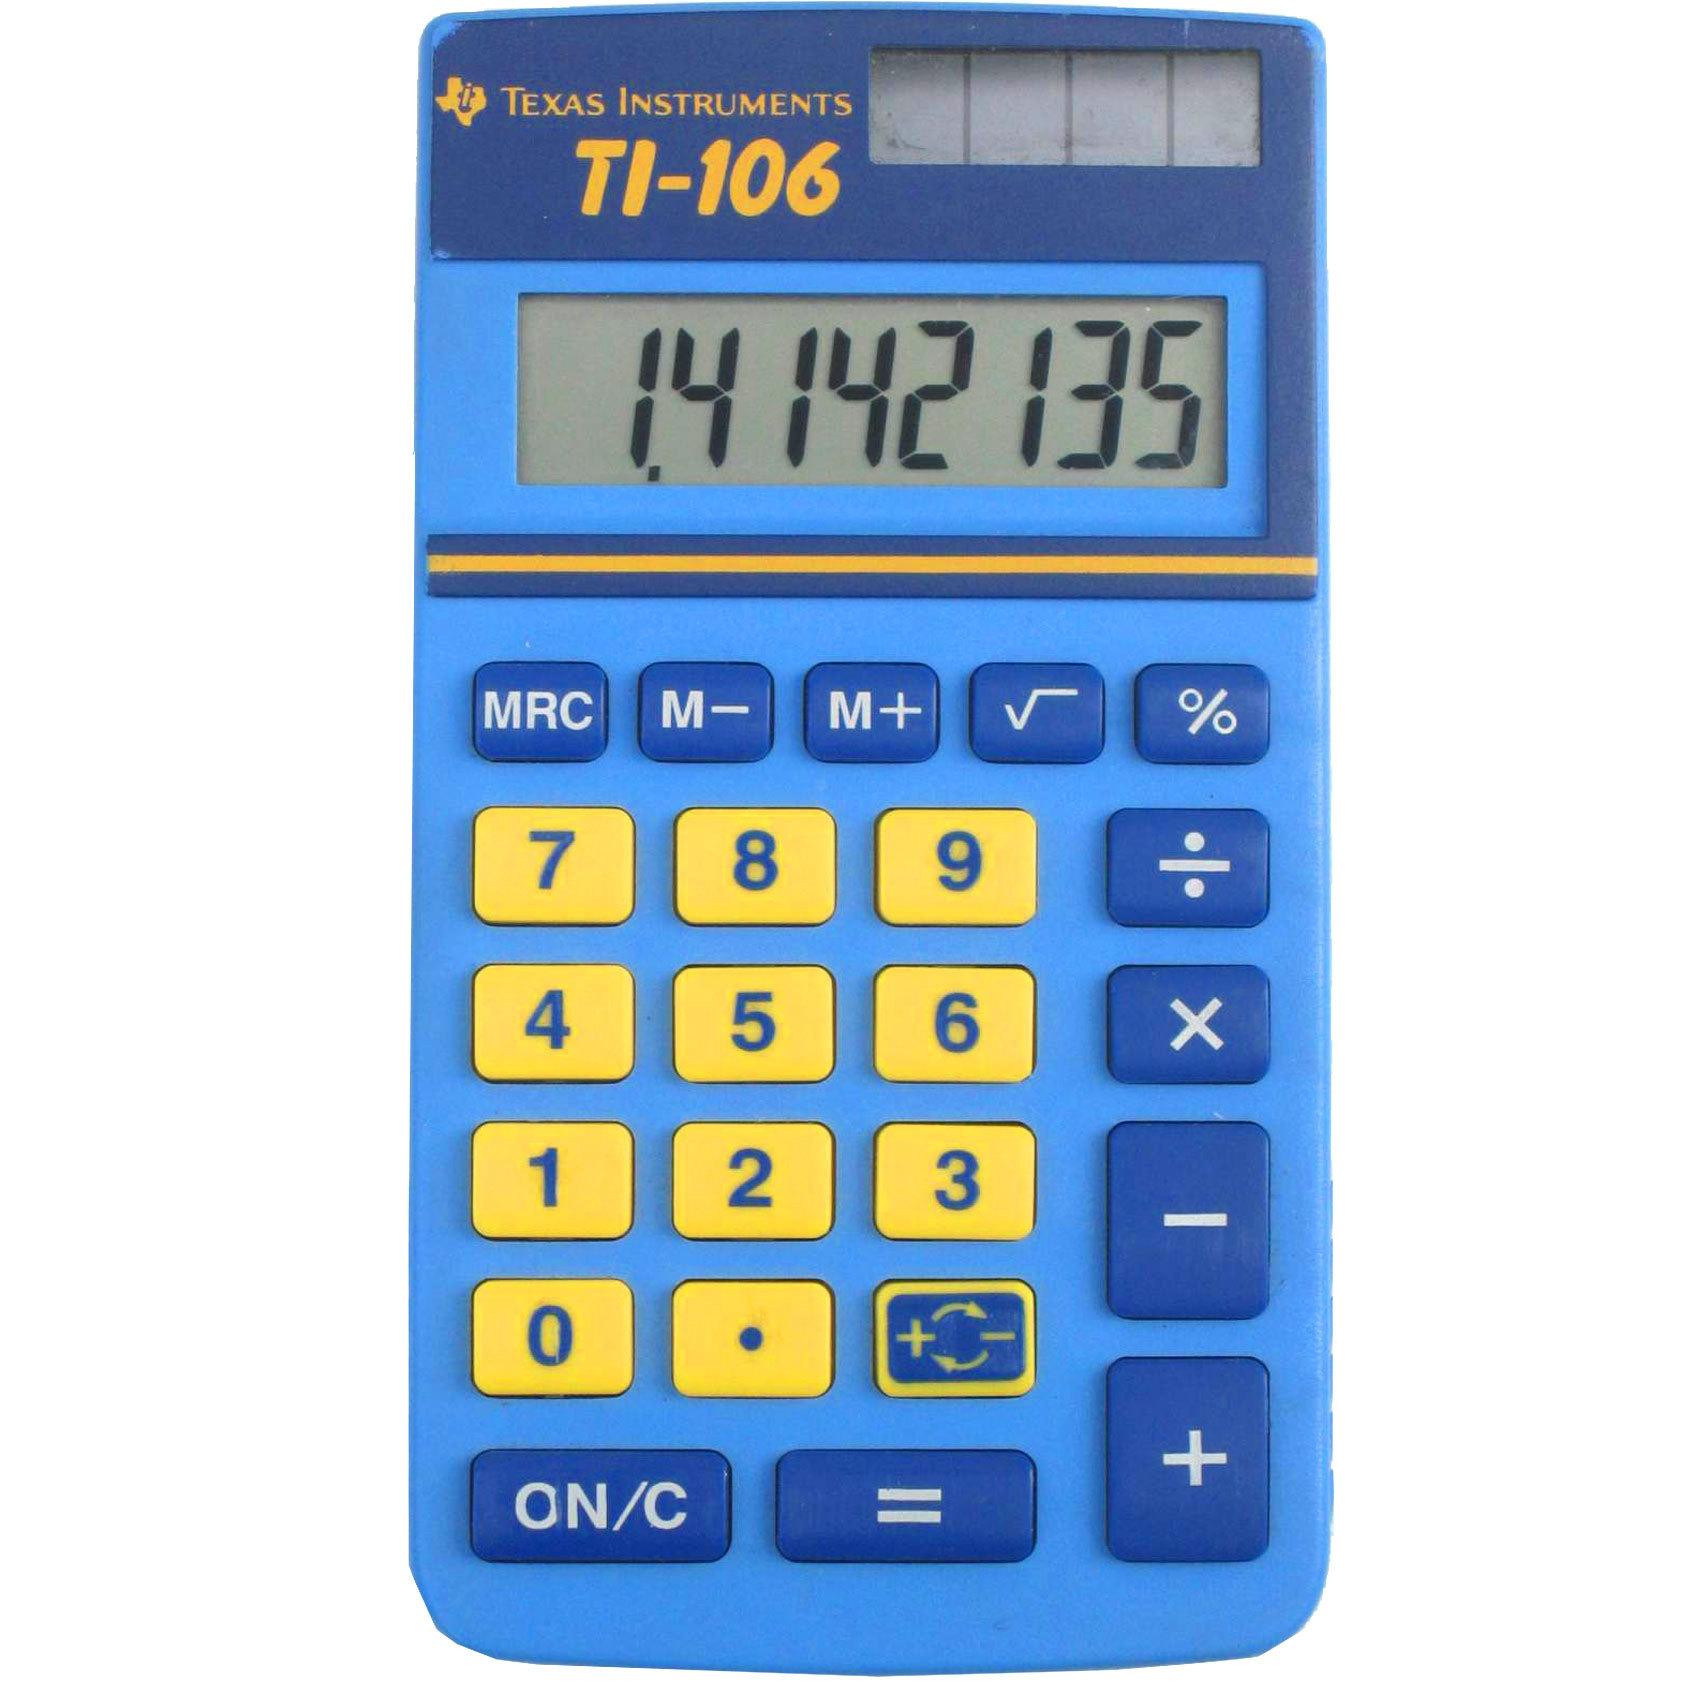 TEXAS POCKET TI-106 CALCULATOR